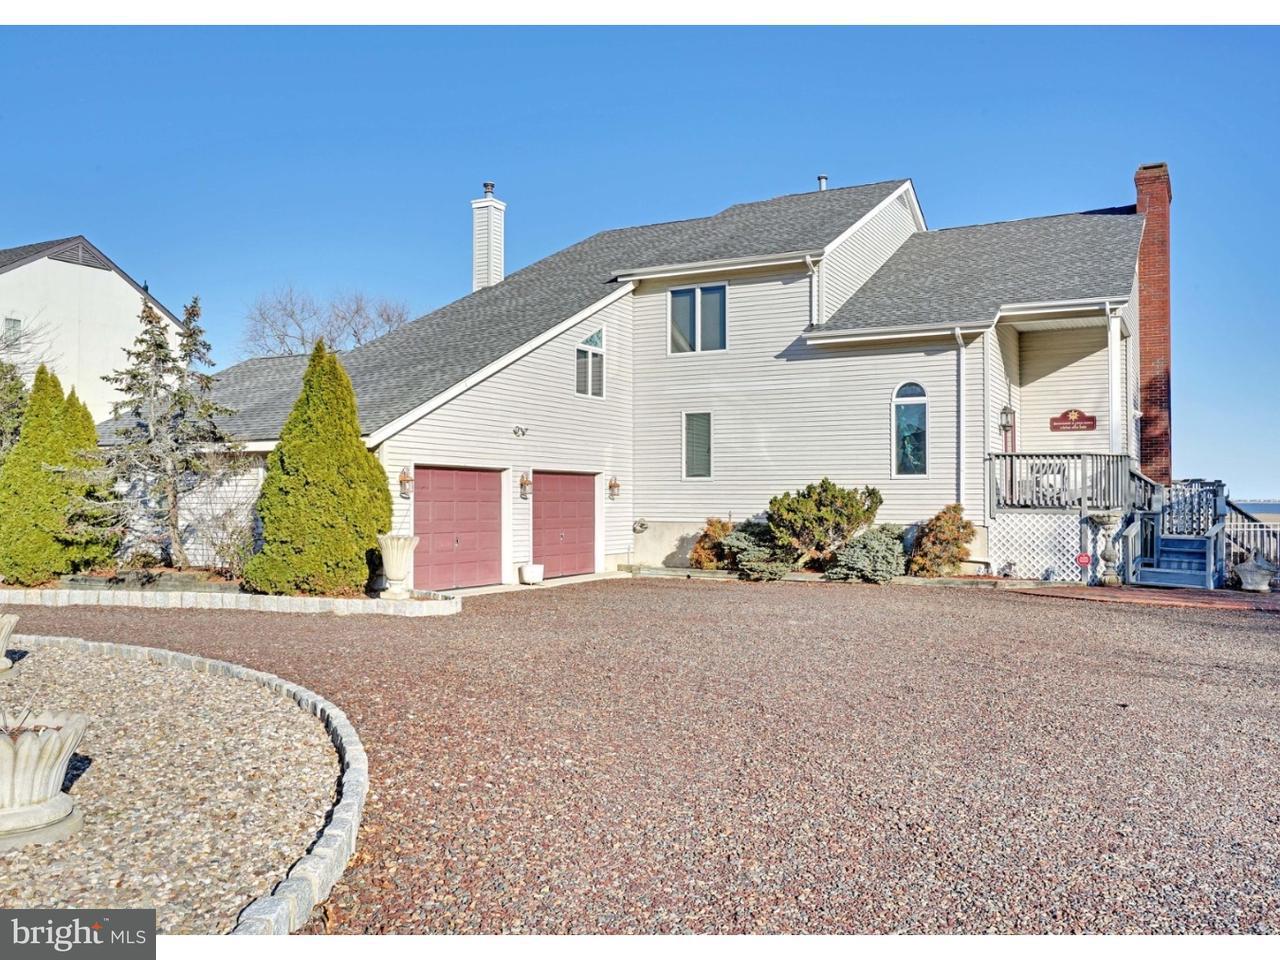 独户住宅 为 销售 在 408 BURNING TREE BLVD 阿布西肯, 新泽西州 08201 美国